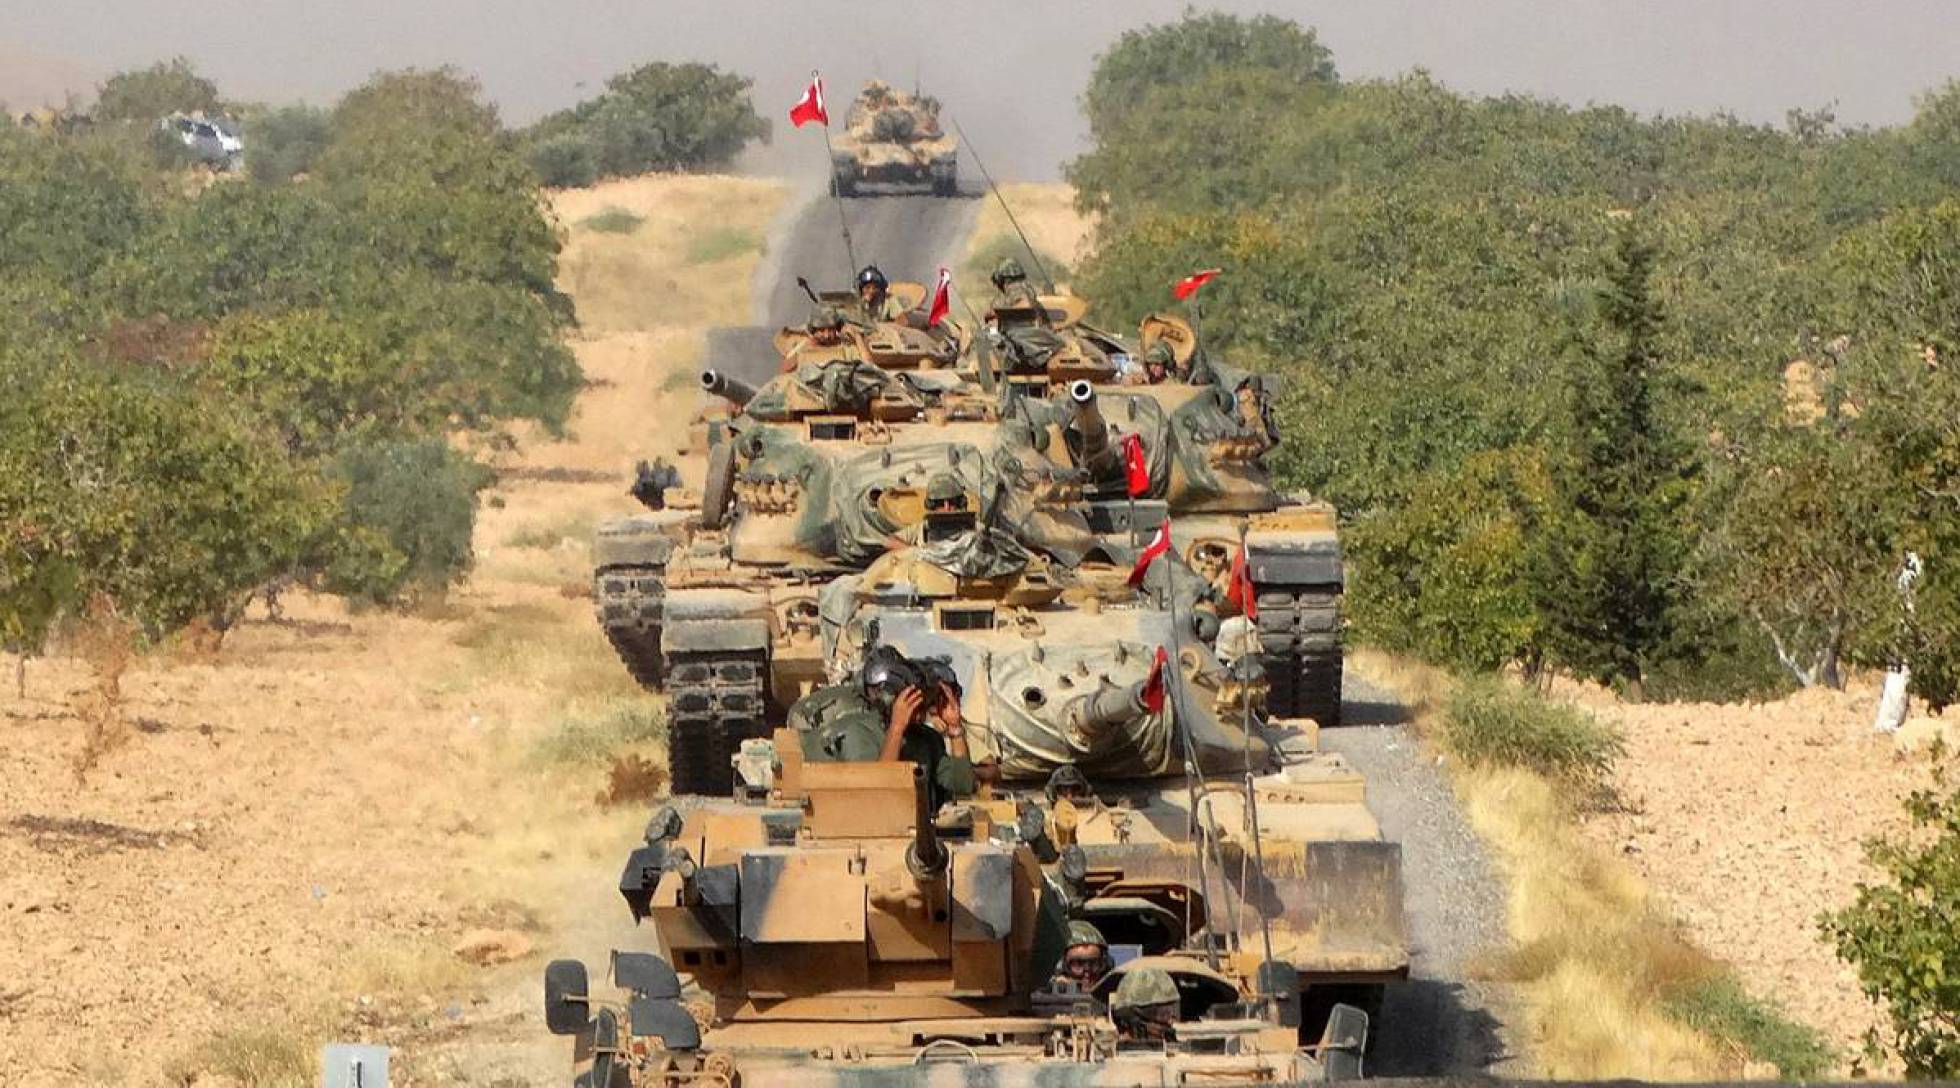 Siria - Conflicto Turquía - Siria  - Página 12 1482408746_964858_1482413298_noticia_normal_recorte1